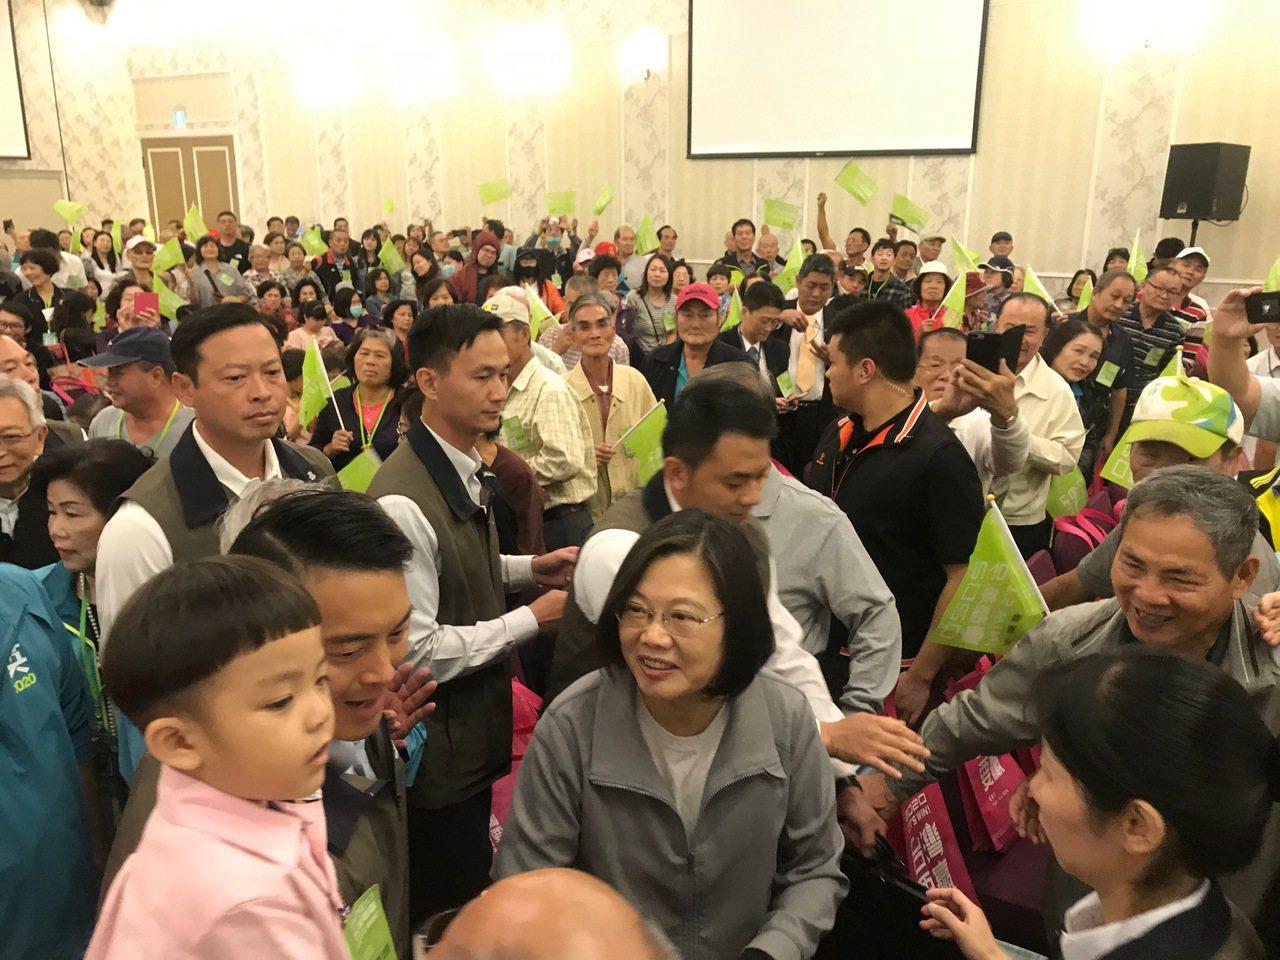 總統蔡英文今到台中參加後援會活動,進場時受到熱烈歡迎。記者洪敬浤/攝影